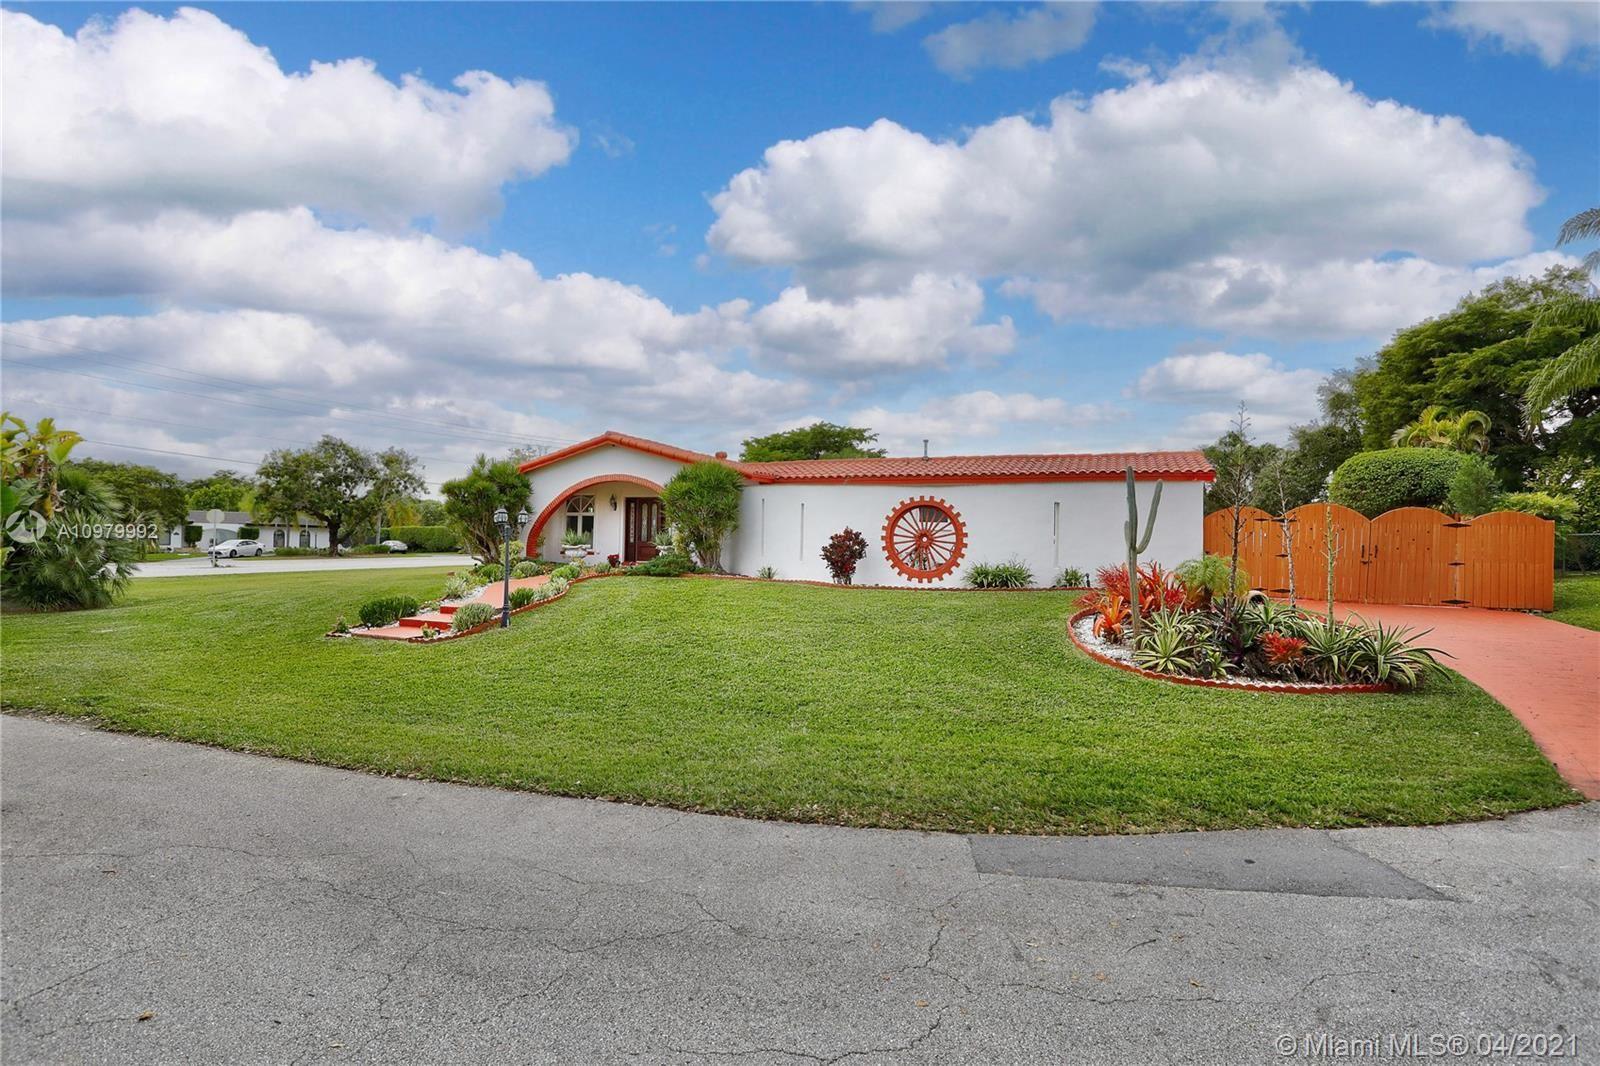 17320 SW 89th Ave, Palmetto Bay, FL 33157 - #: A10979992